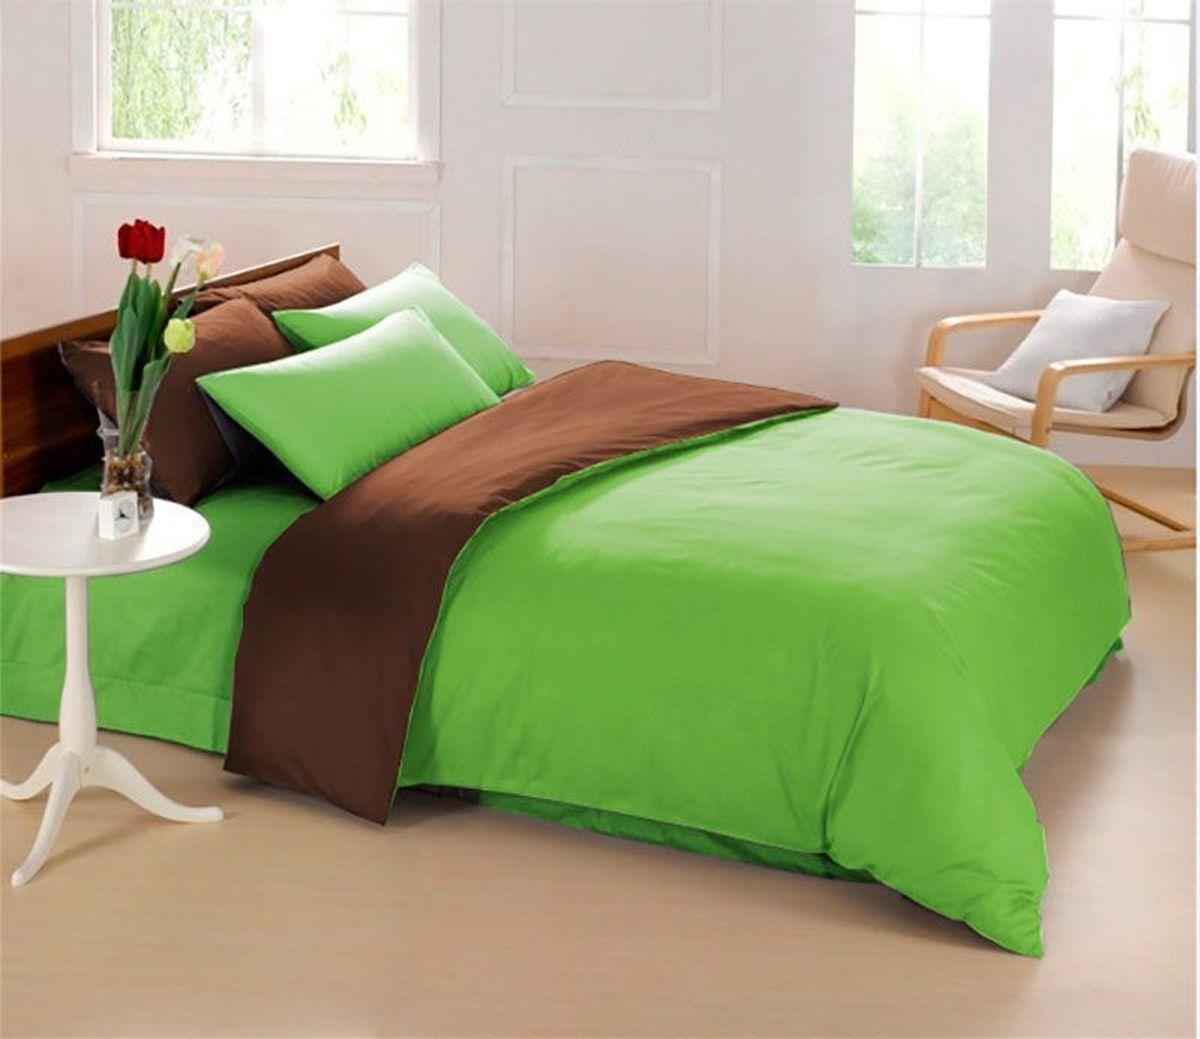 Постельное белье Sleep iX Perfection, семейный, цвет: зеленый, темно-коричневыйpva215411Известно, что цвет напрямую воздействует на психологическое и физическое состояние человека. Специально для наших покупателей мы внесли описание воздействия каждого цвета в комплекты постельного белья Perfection. Зеленый - успокаивающий, нейтральный, мягкий цвет. Нормализует деятельность сердечно-сосудистой системы, успокаивает сильное сердцебиение, стабилизирует артериальное давление и функции нервной системы. Коричневый - спокойный и сдержанный цвет. Вызывает ощущение тепла, способствует созданию спокойного мягкого настроения. Это цвет надежности, прочности, здравого смысла. Производитель: Sleep iX Материал: Микрофреш (100 г/м2) Состав материала: 100% микрофибра Размер: Семейное (2 пододеял.) Размер пододеяльника: 150х220 см Тип застежки на пододеяльнике: Молния (100 см) Размер простыни: 220х240 (обычная) Размер наволочек: 50х70 и 70х70 (по 2 шт) Тип застежки на наволочках: Клапан (20 см) Упаковка комплекта: Подарочная Коробка Cтрана...